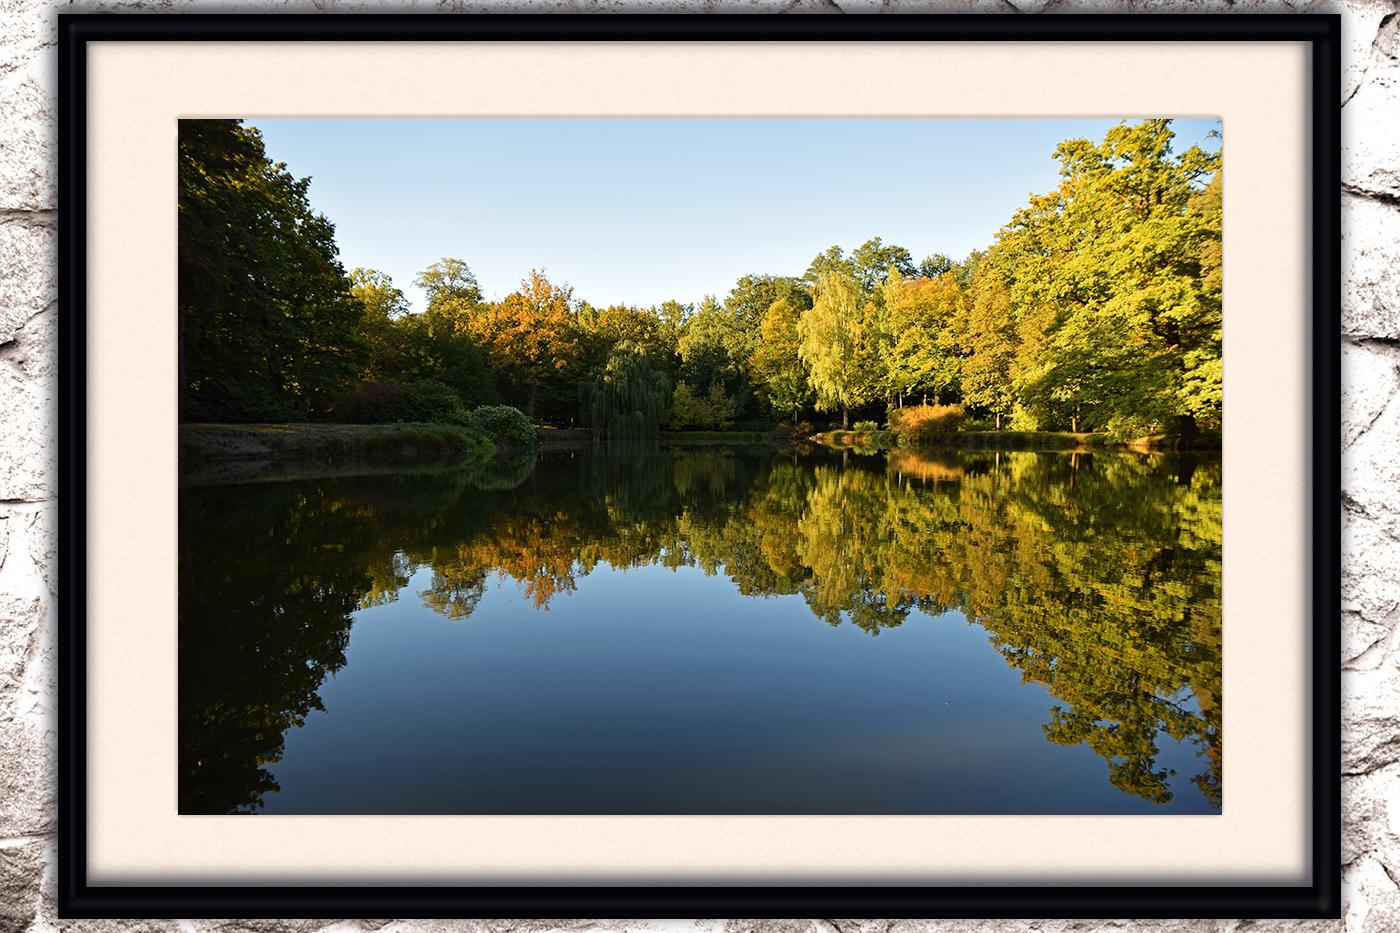 Nature photo, landscape photo, summer photo, sunset photo example image 5